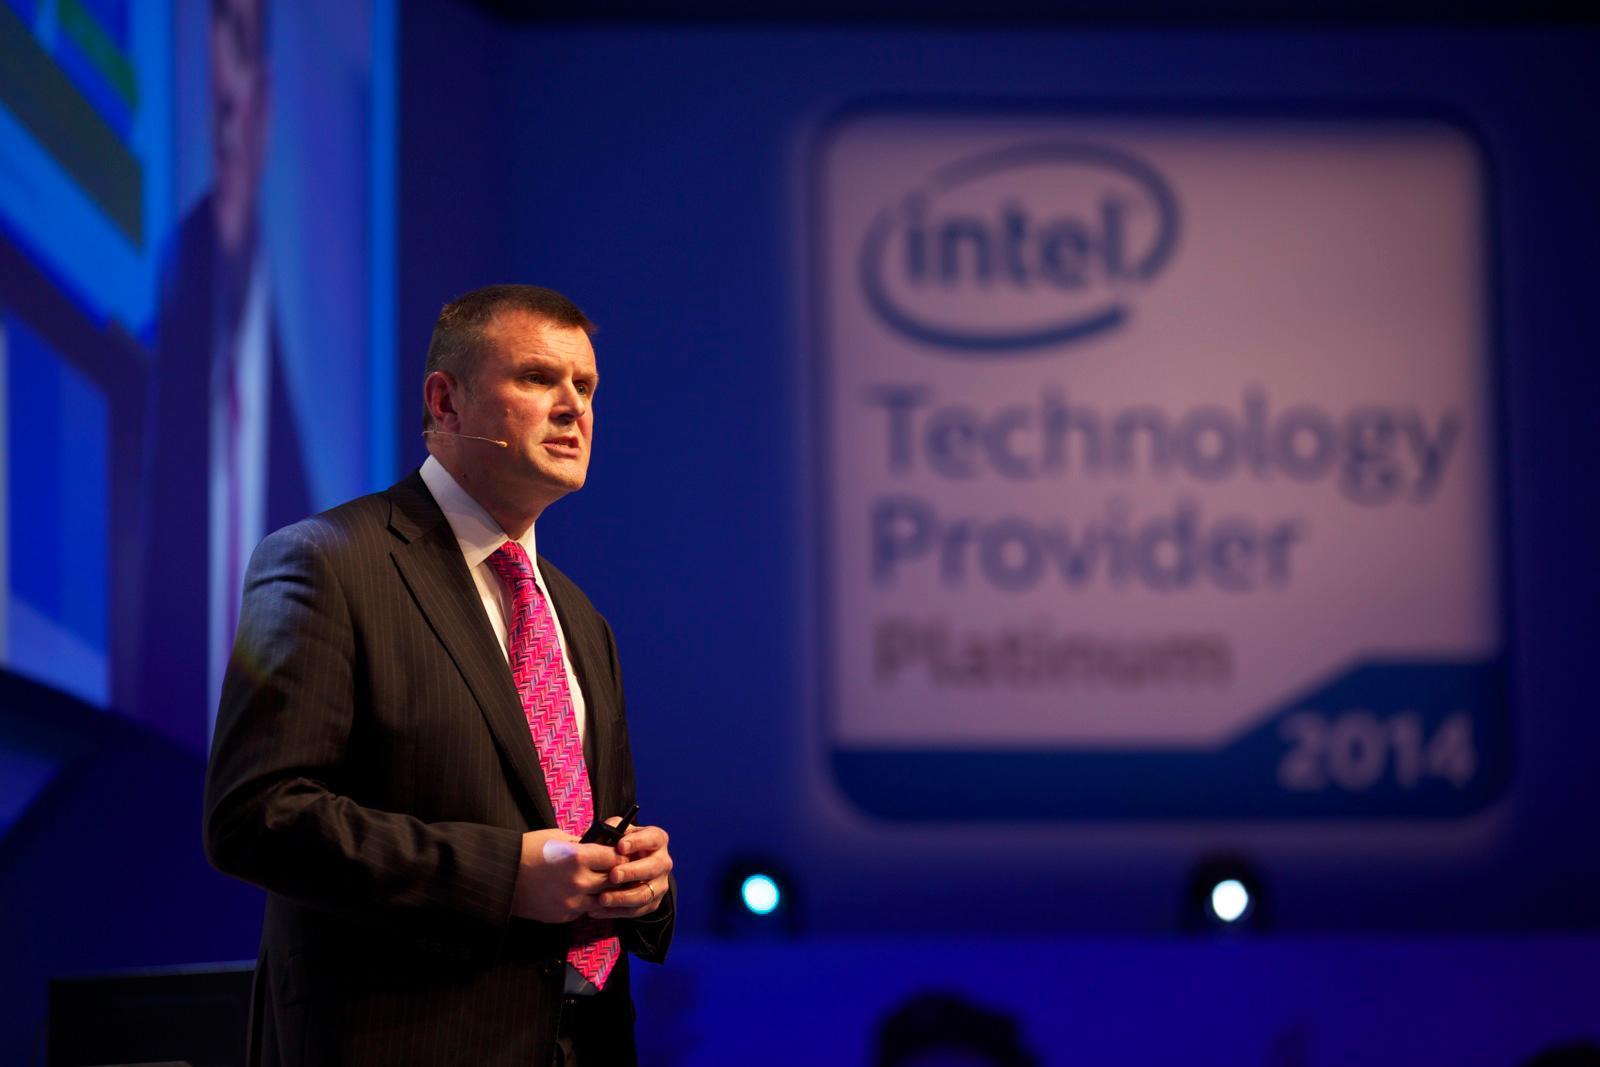 Rod O'Shea kom med en klar oppfordring til de samlede bedriftslederne.Foto: Intel